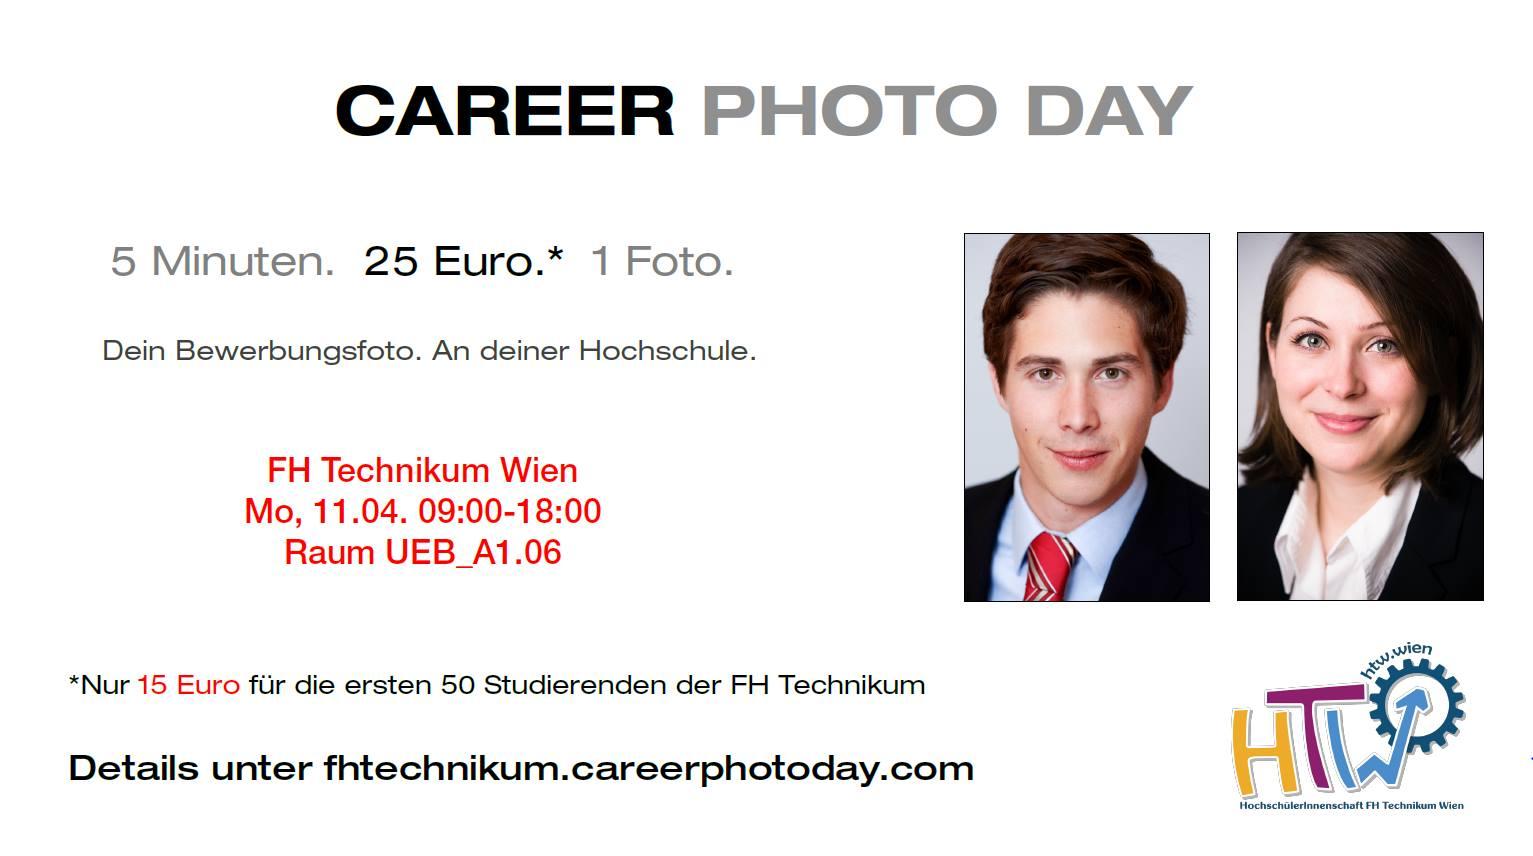 Bild Career Photo Day mit Infos wann und wo